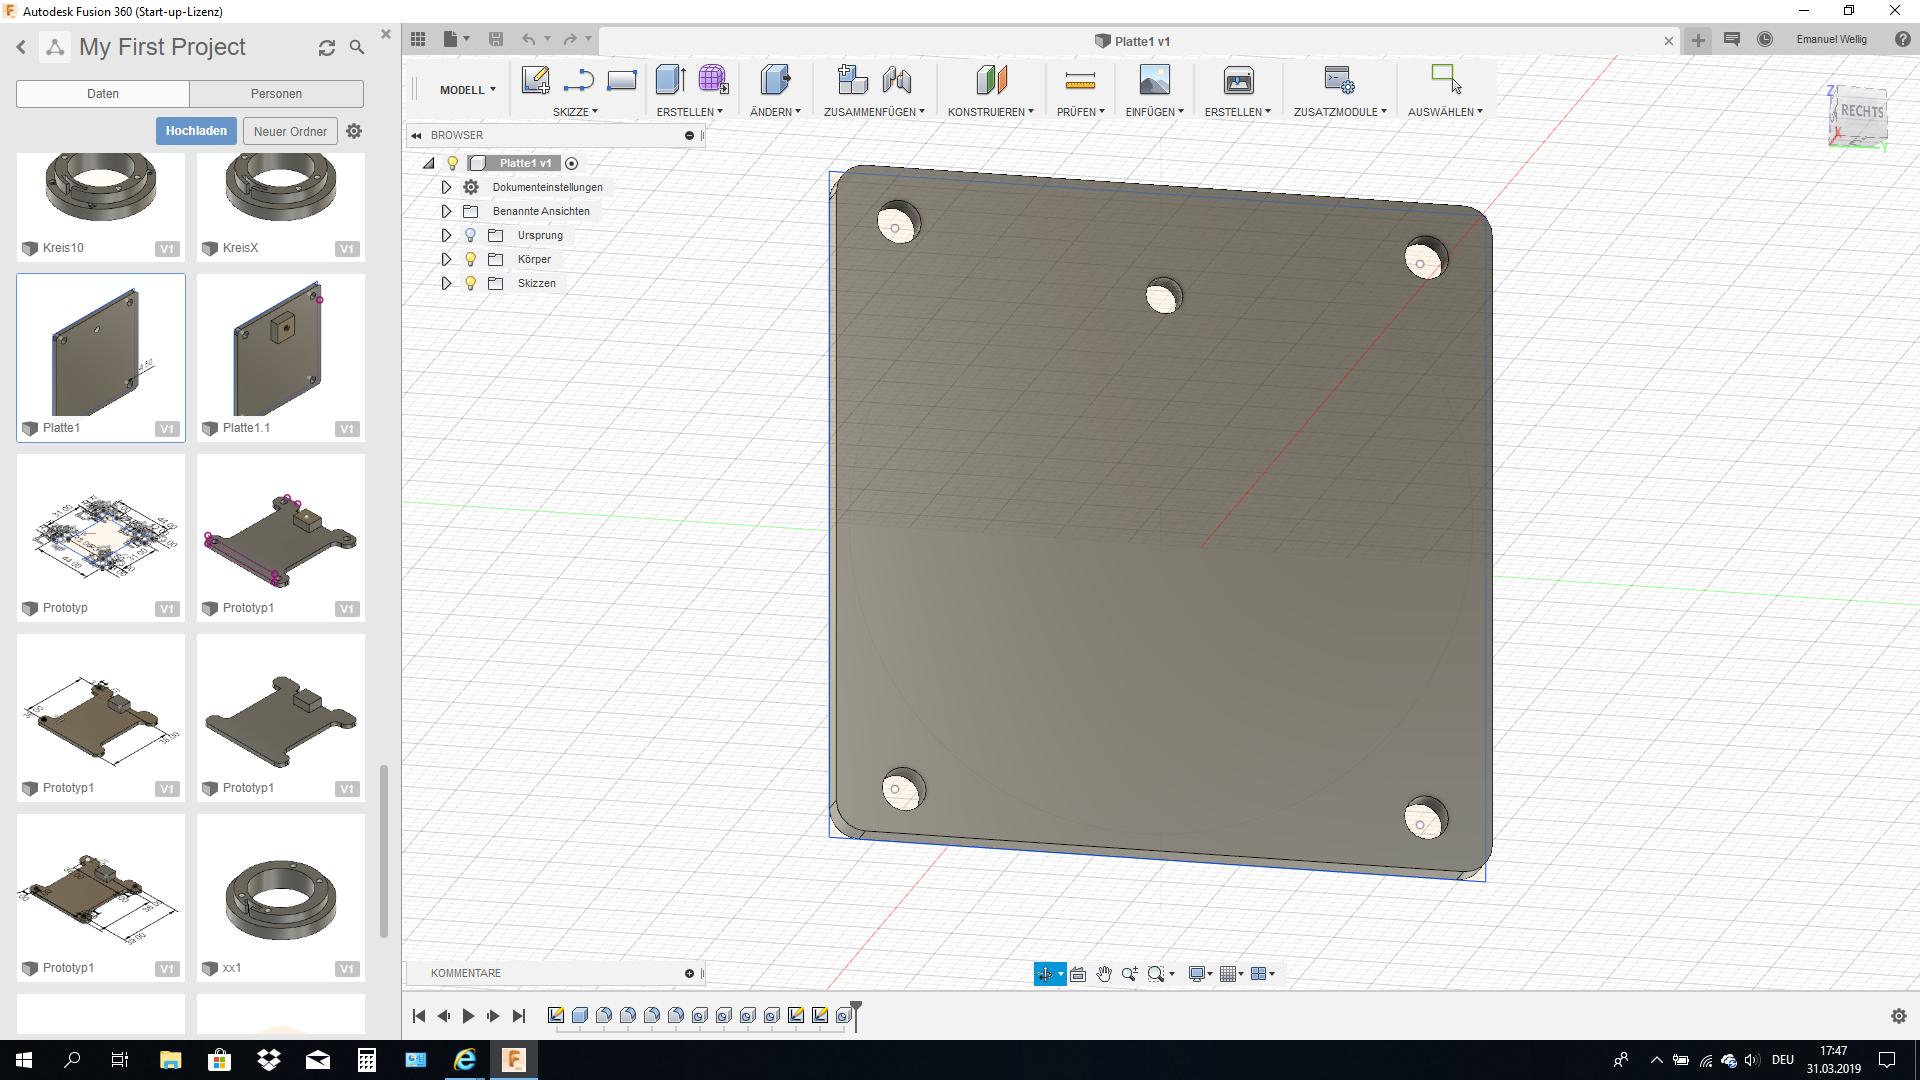 1. Prototyp